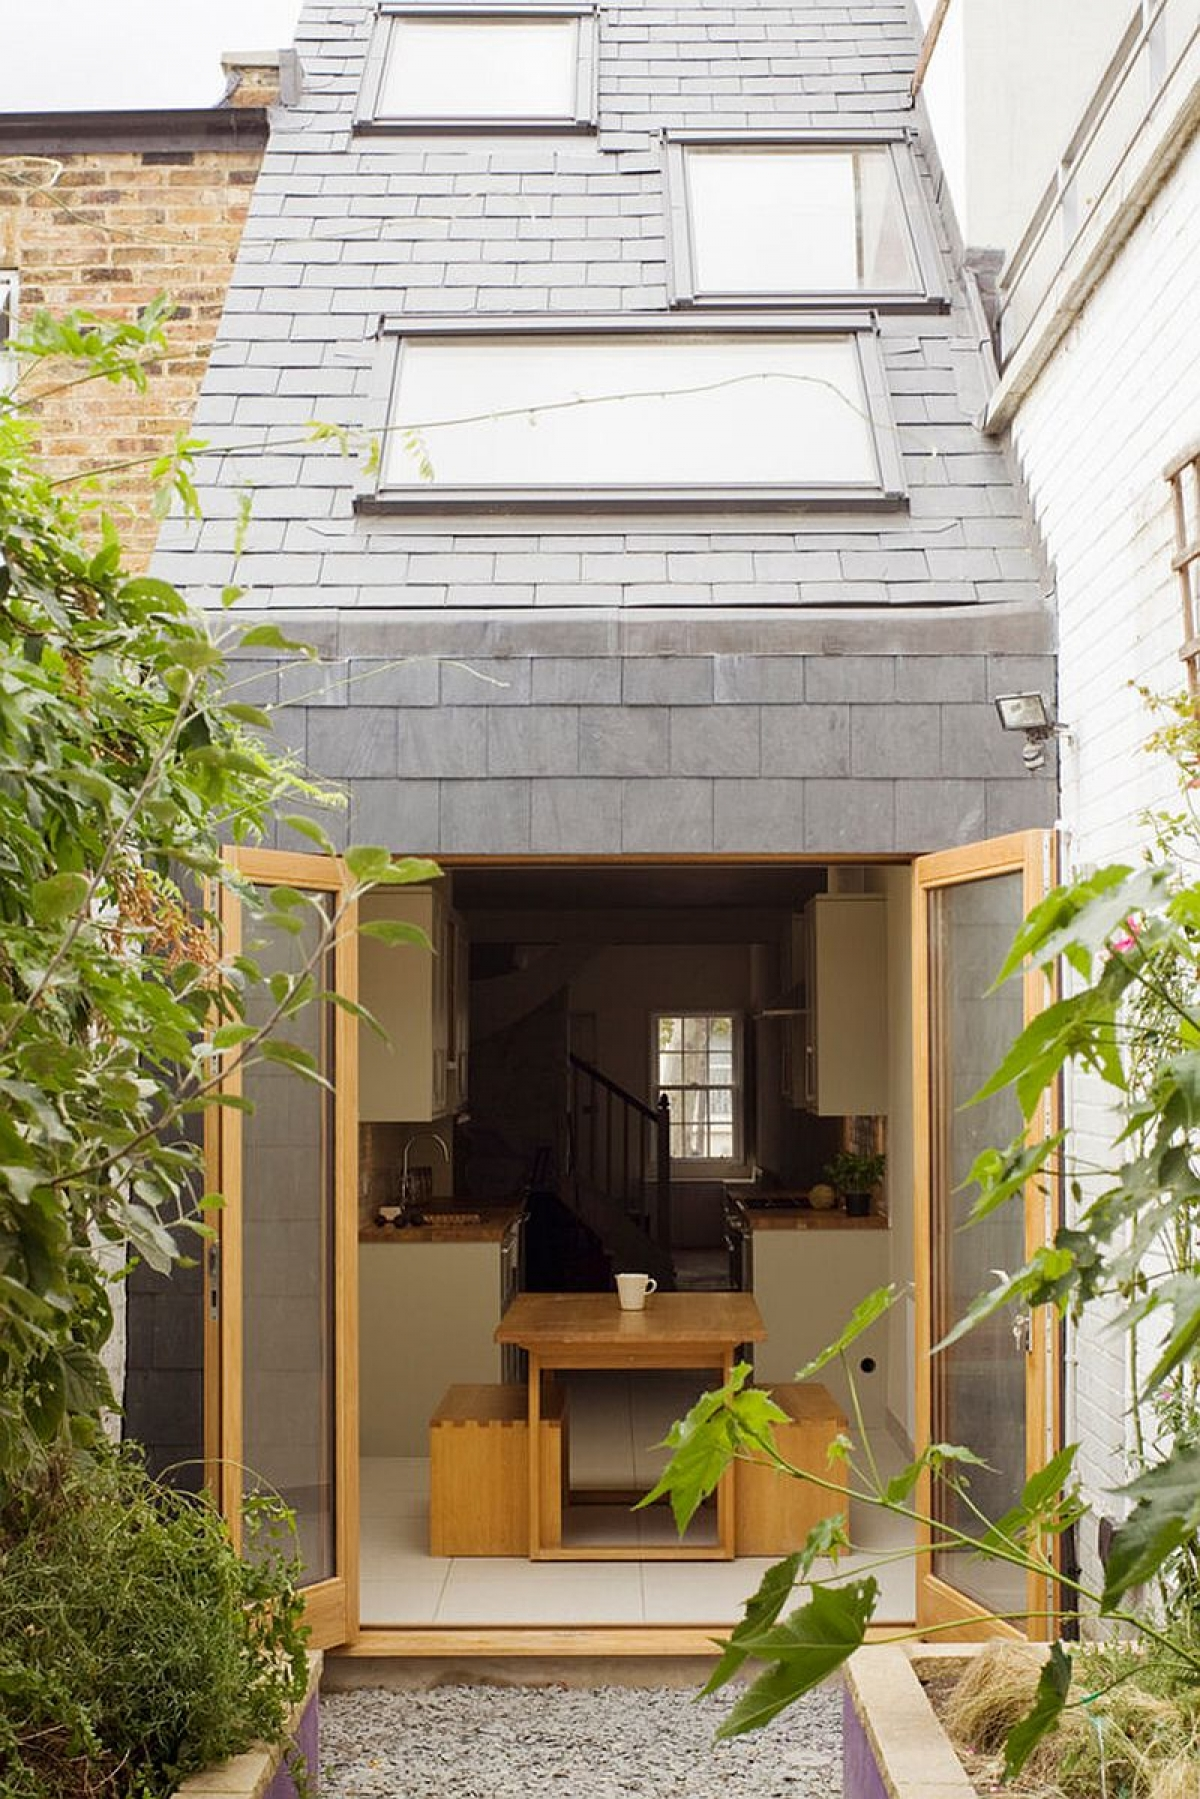 Ngôi nhà độc đáo chỉ rộng 2,3 m2 ở London - Ảnh 1